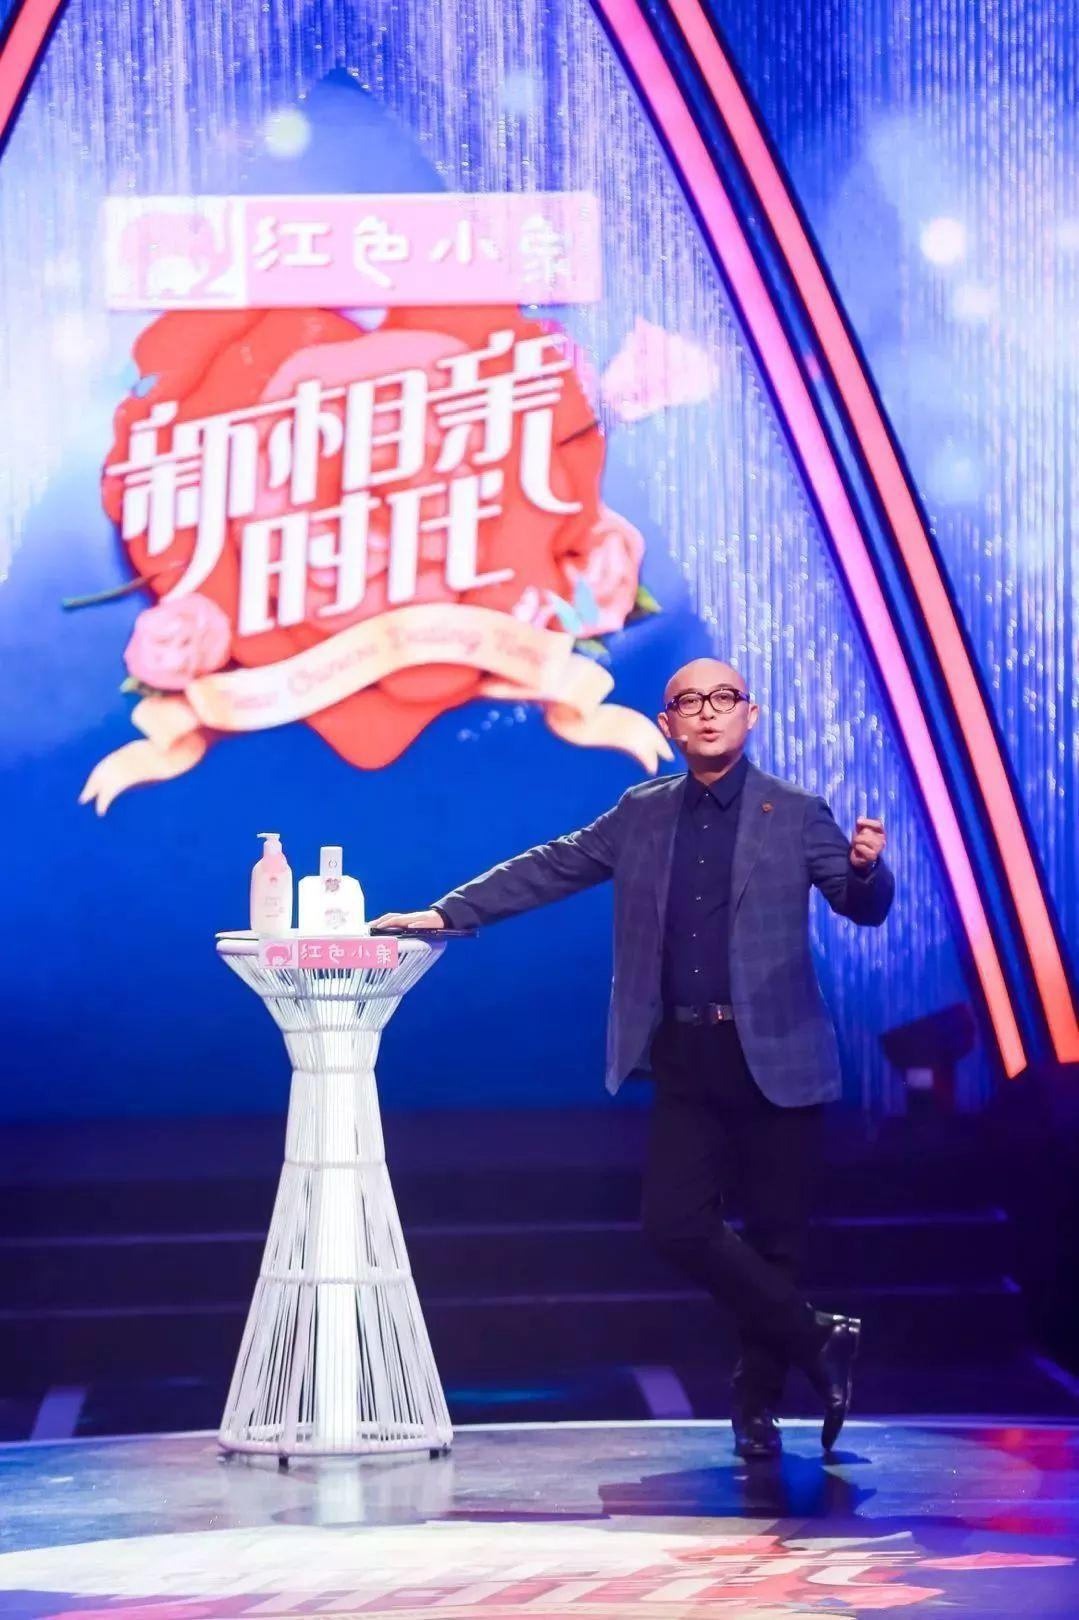 孟非的新节目《相亲新时代》,应该改名《选妃新时代》吧…